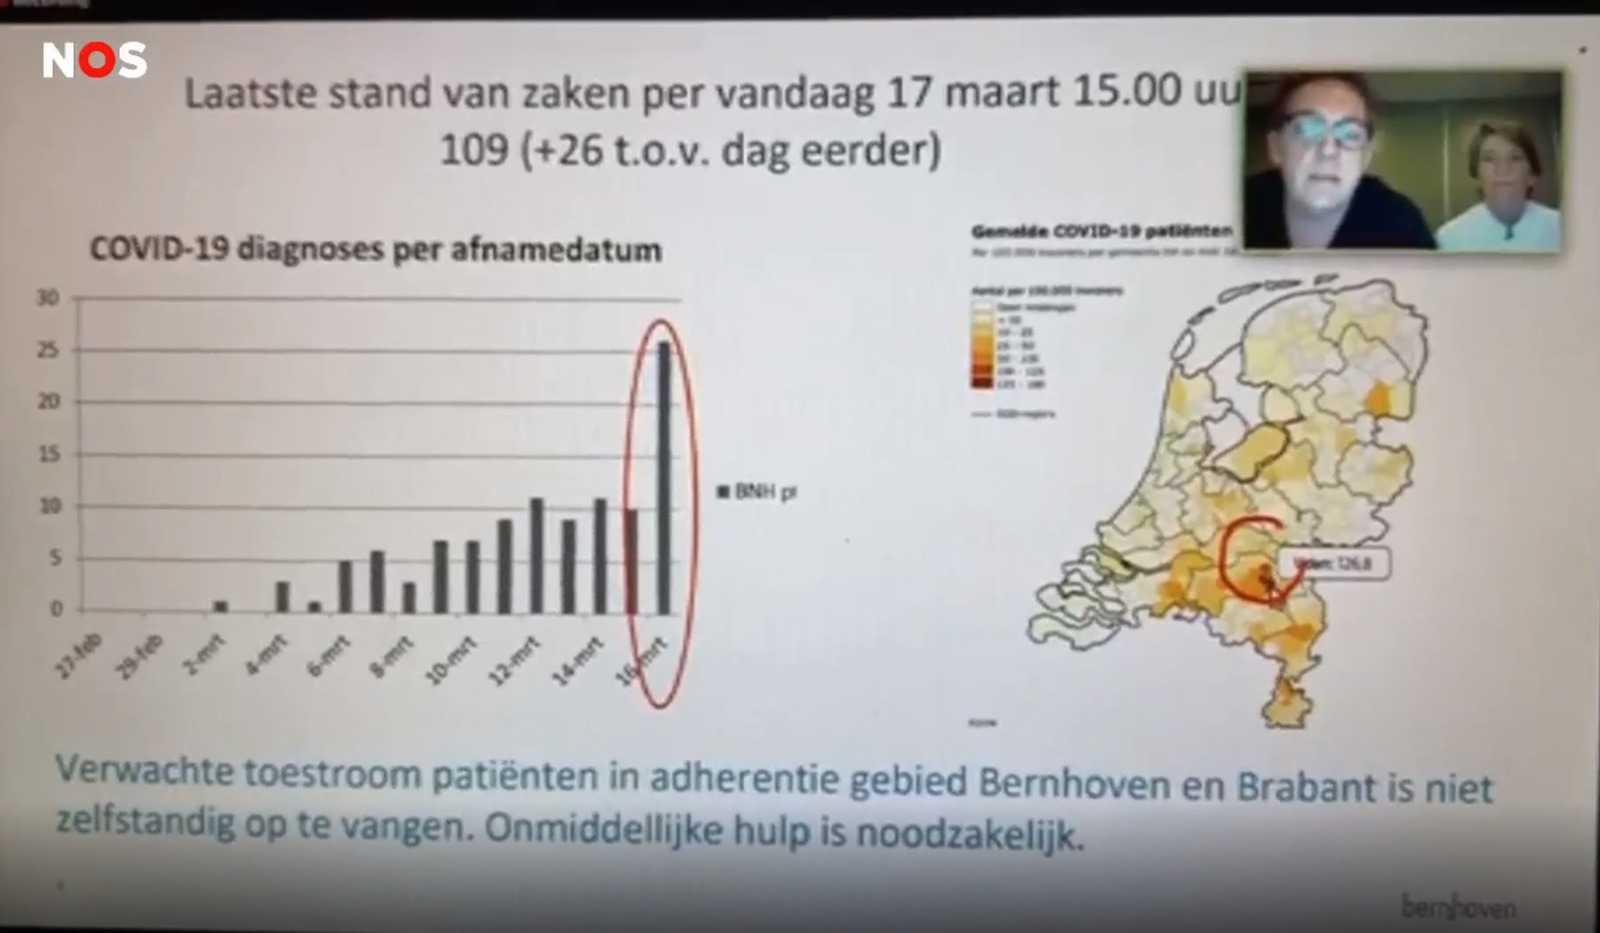 Рост количества пациентов в брабантских больницах. Кадр из видео NOS.